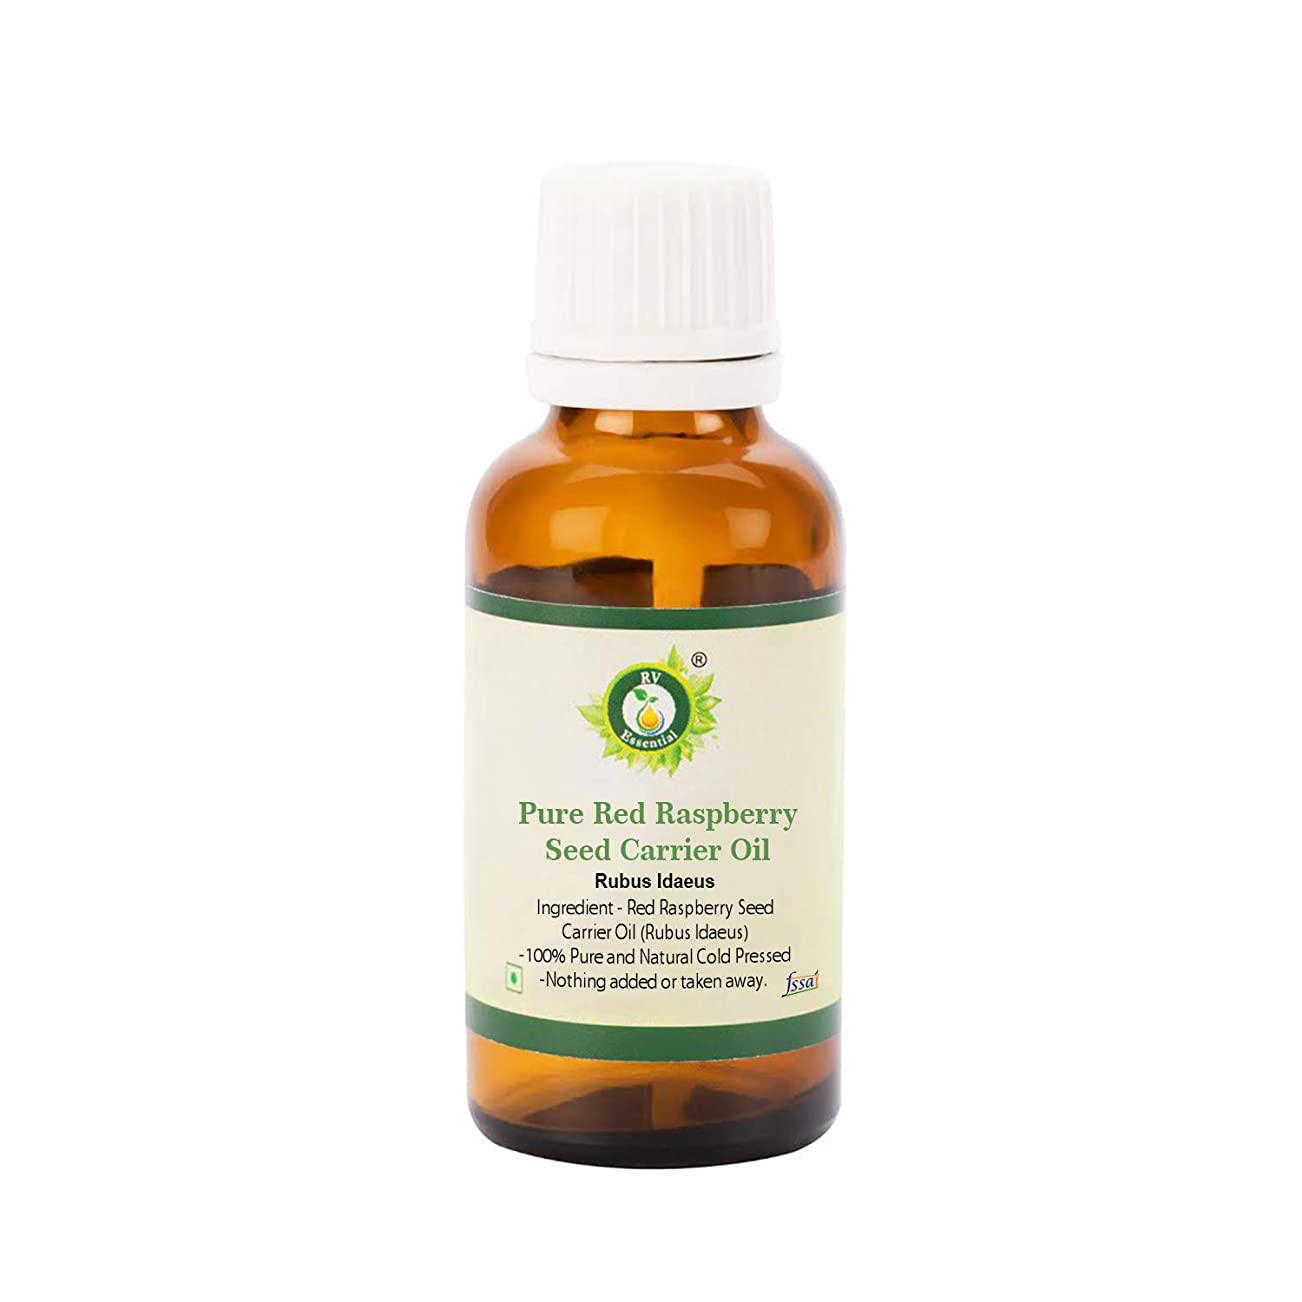 地上で退化する指R V Essential ピュアレッドラズベリーシードキャリヤーオイル50ml (1.69oz)- Rubus Idaeus (100%ピュア&ナチュラルコールドPressed) Pure Red Raspberry Seed Carrier Oil